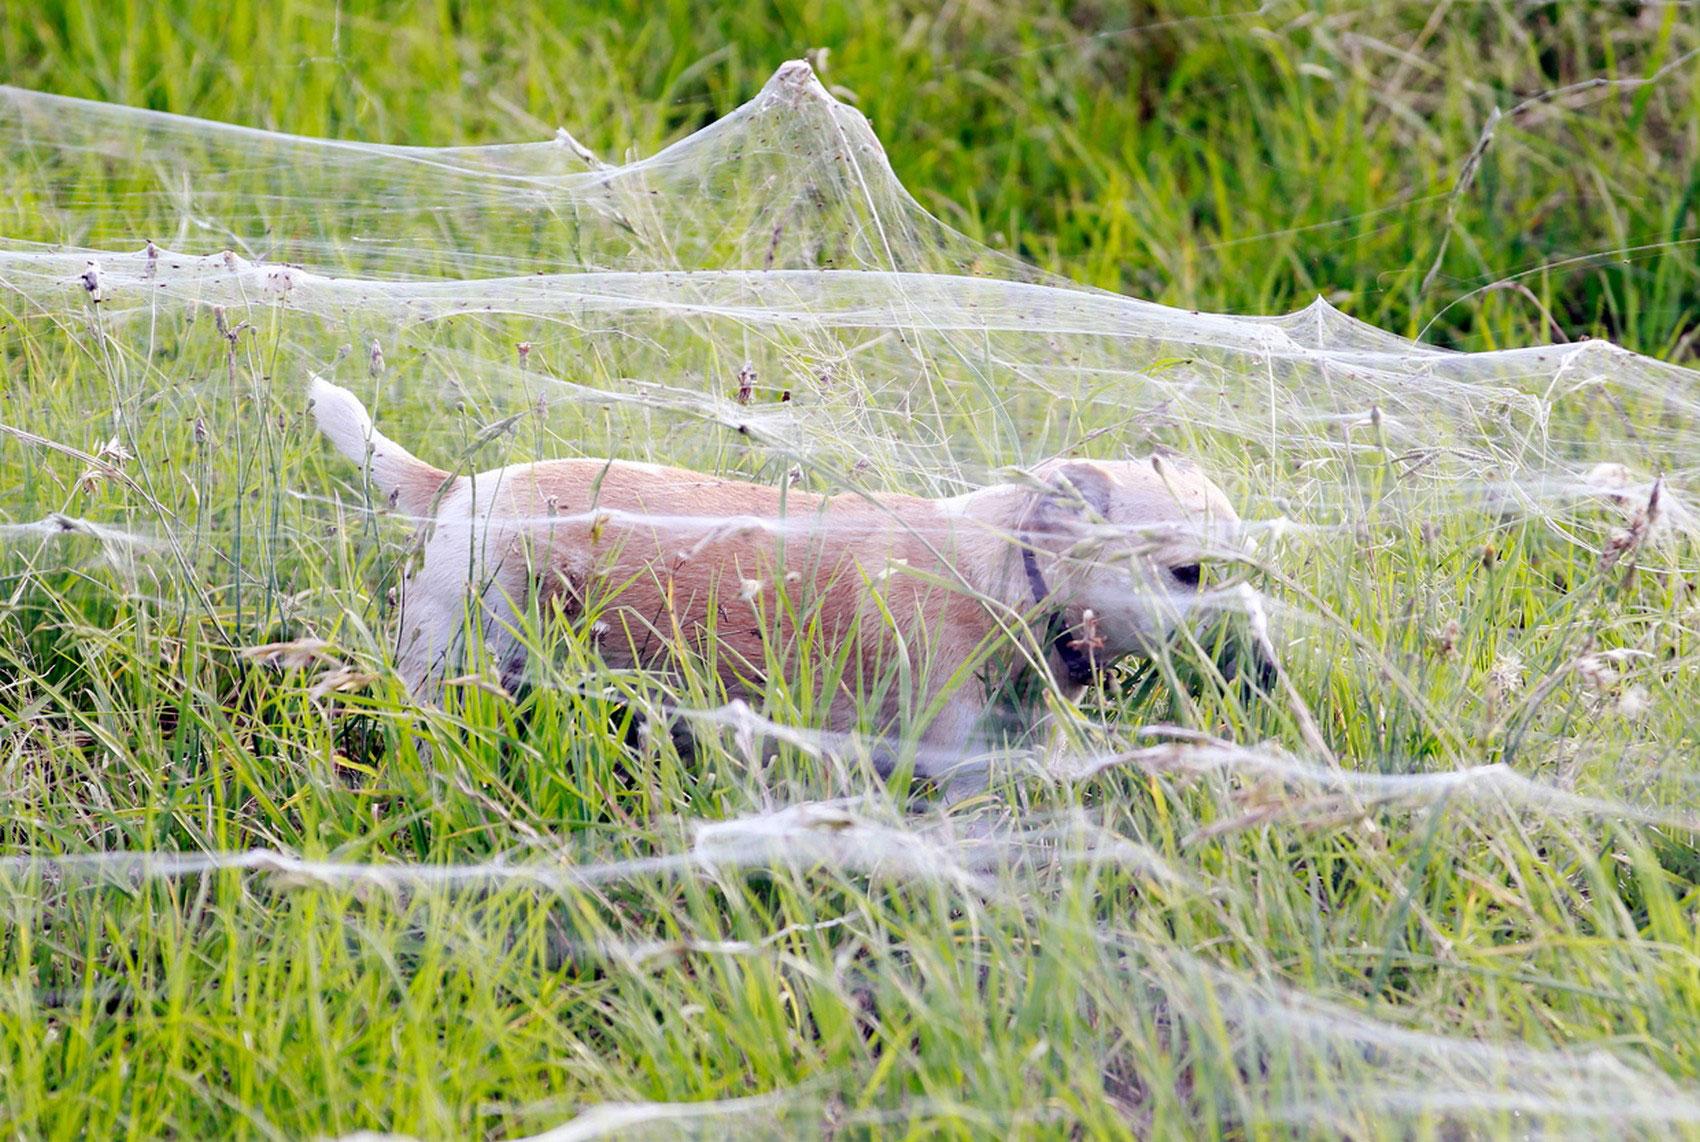 собака бегает по лугу окутанному паутиной, фото